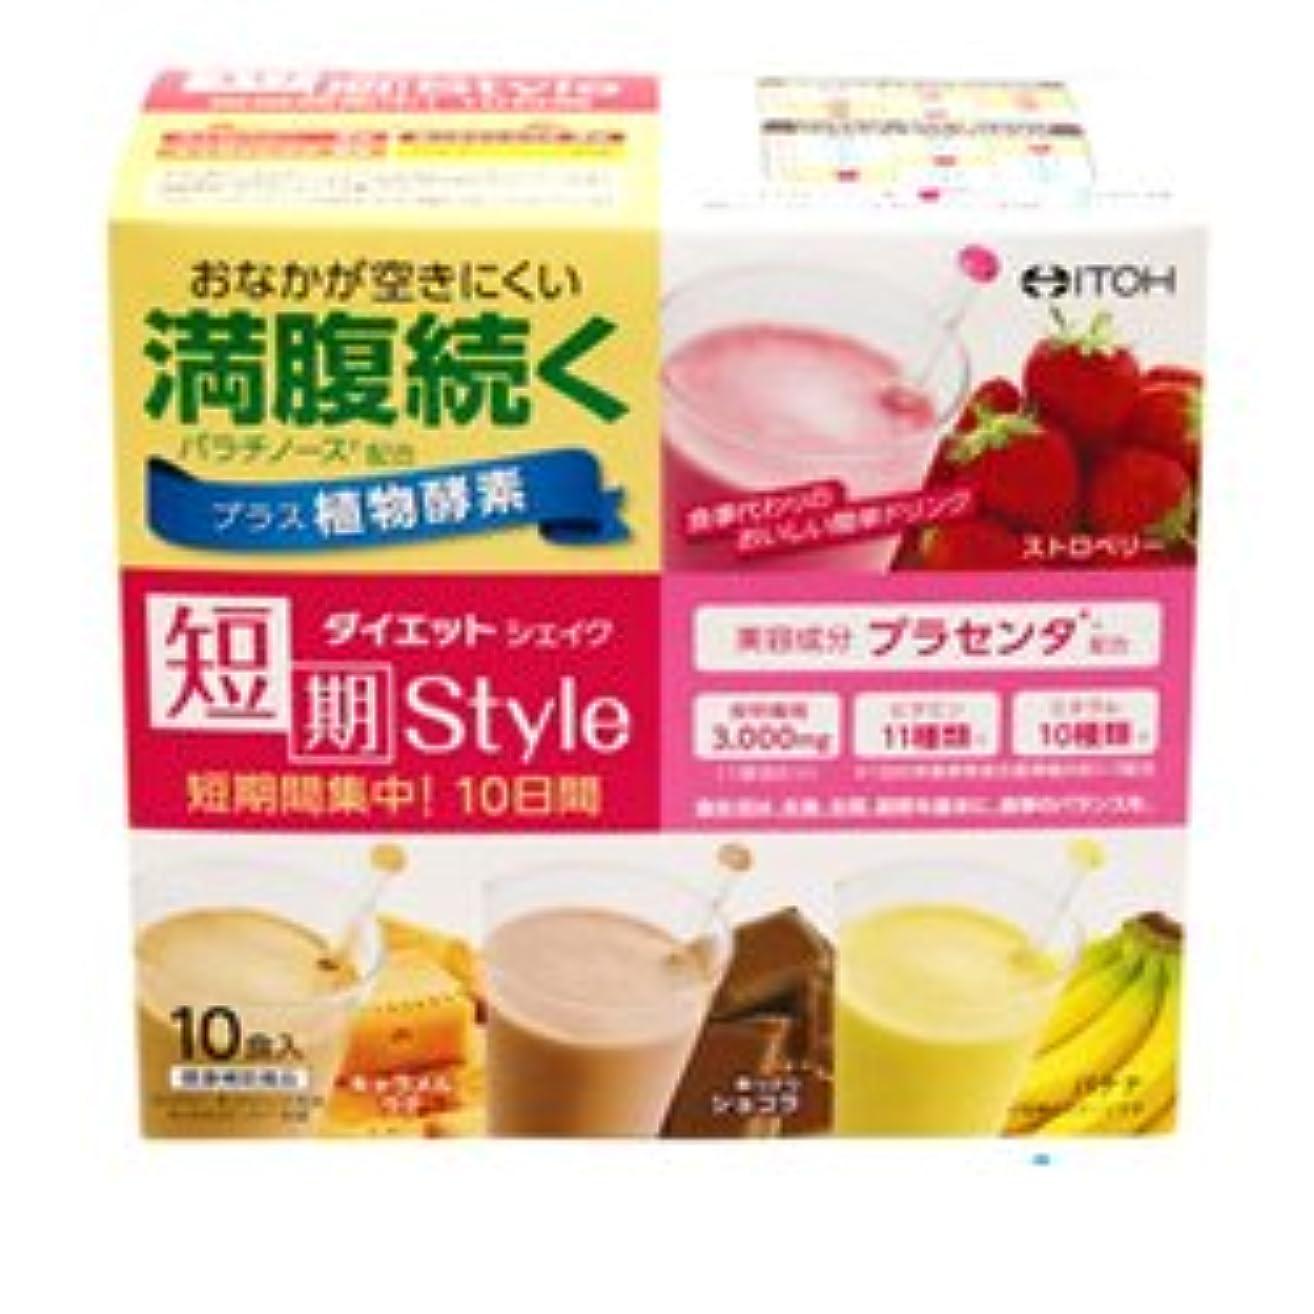 【井藤漢方製薬】短期スタイル ダイエットシェイク 10包 ×3個セット